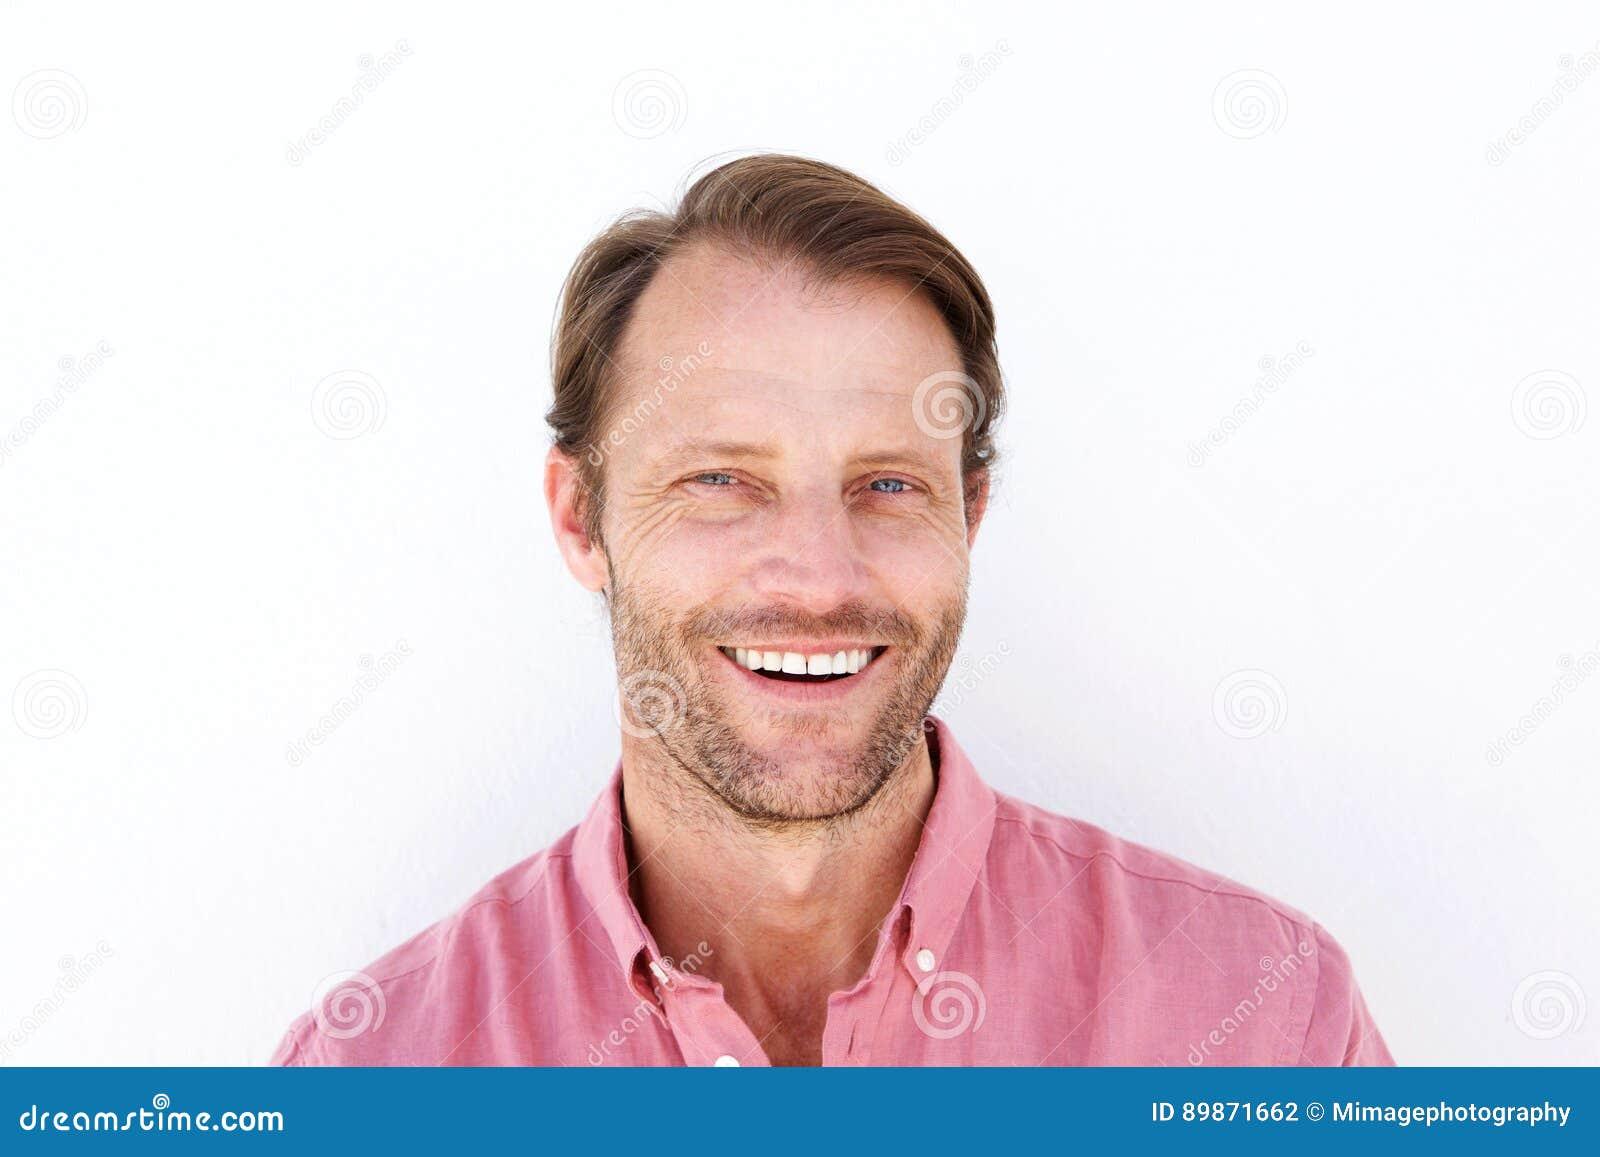 Stäng sig upp den attraktiva mannen som ler mot vit bakgrund